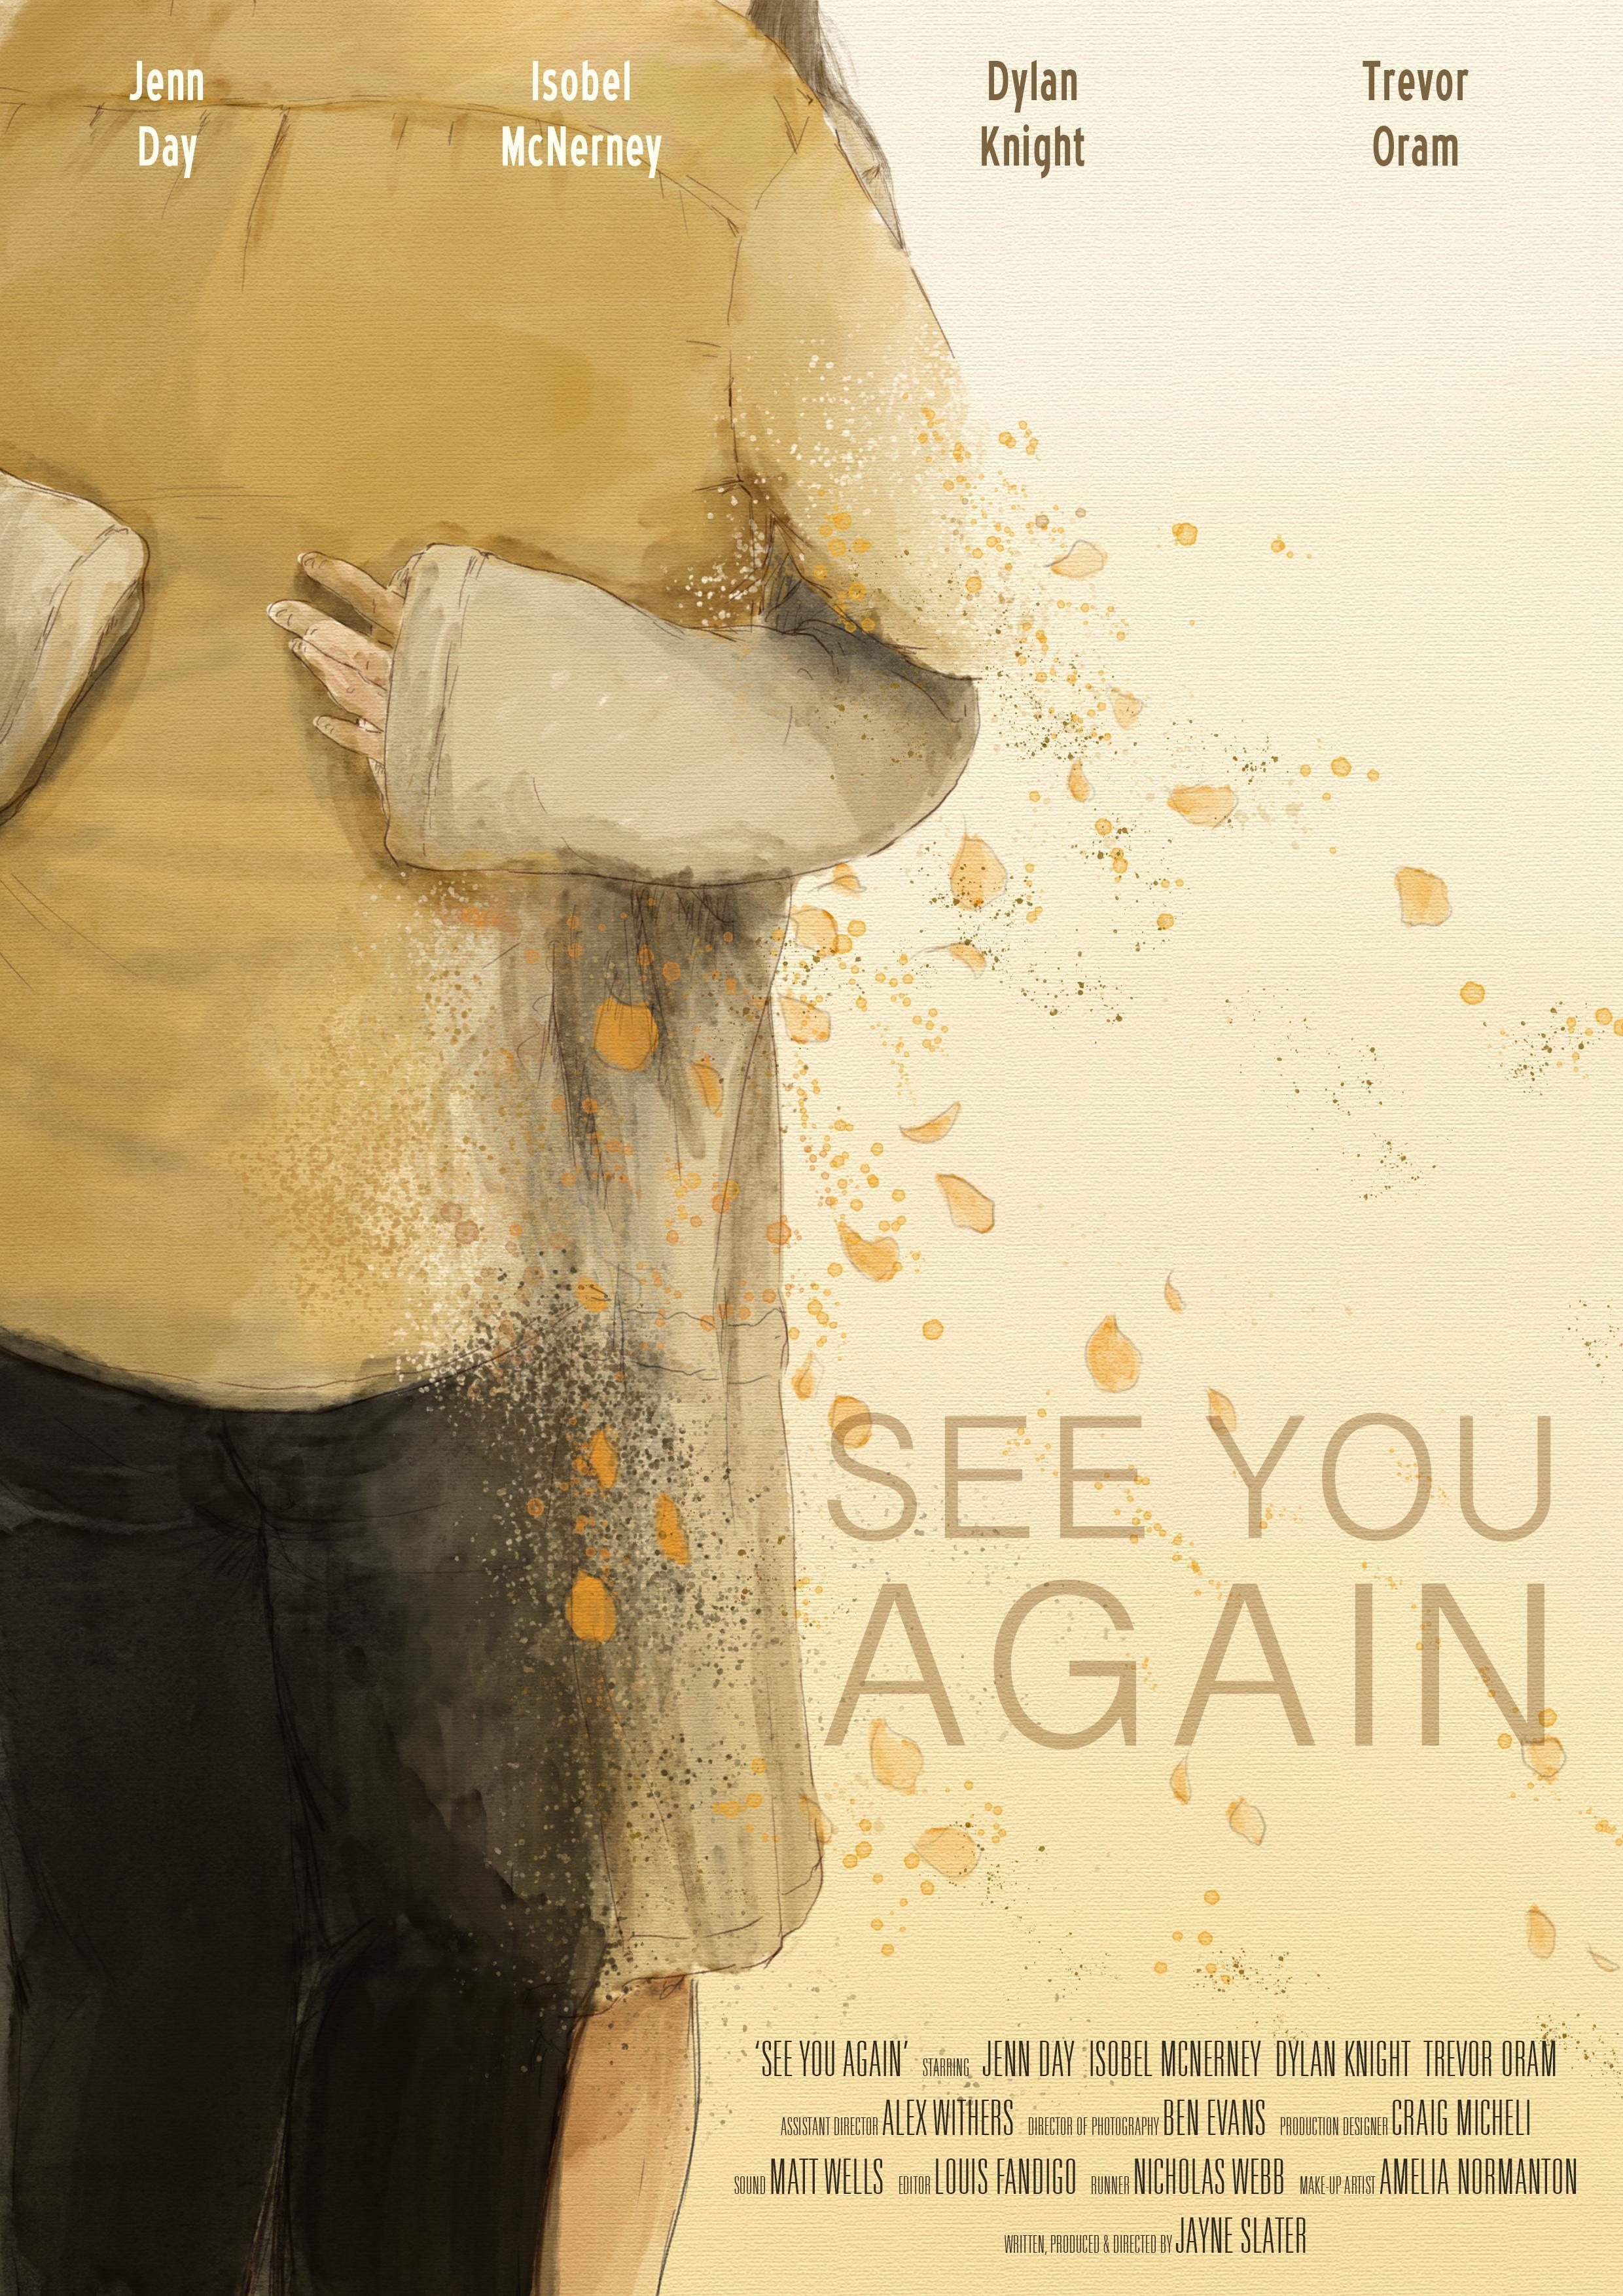 دانلود زیرنویس فارسی فیلم See You Again